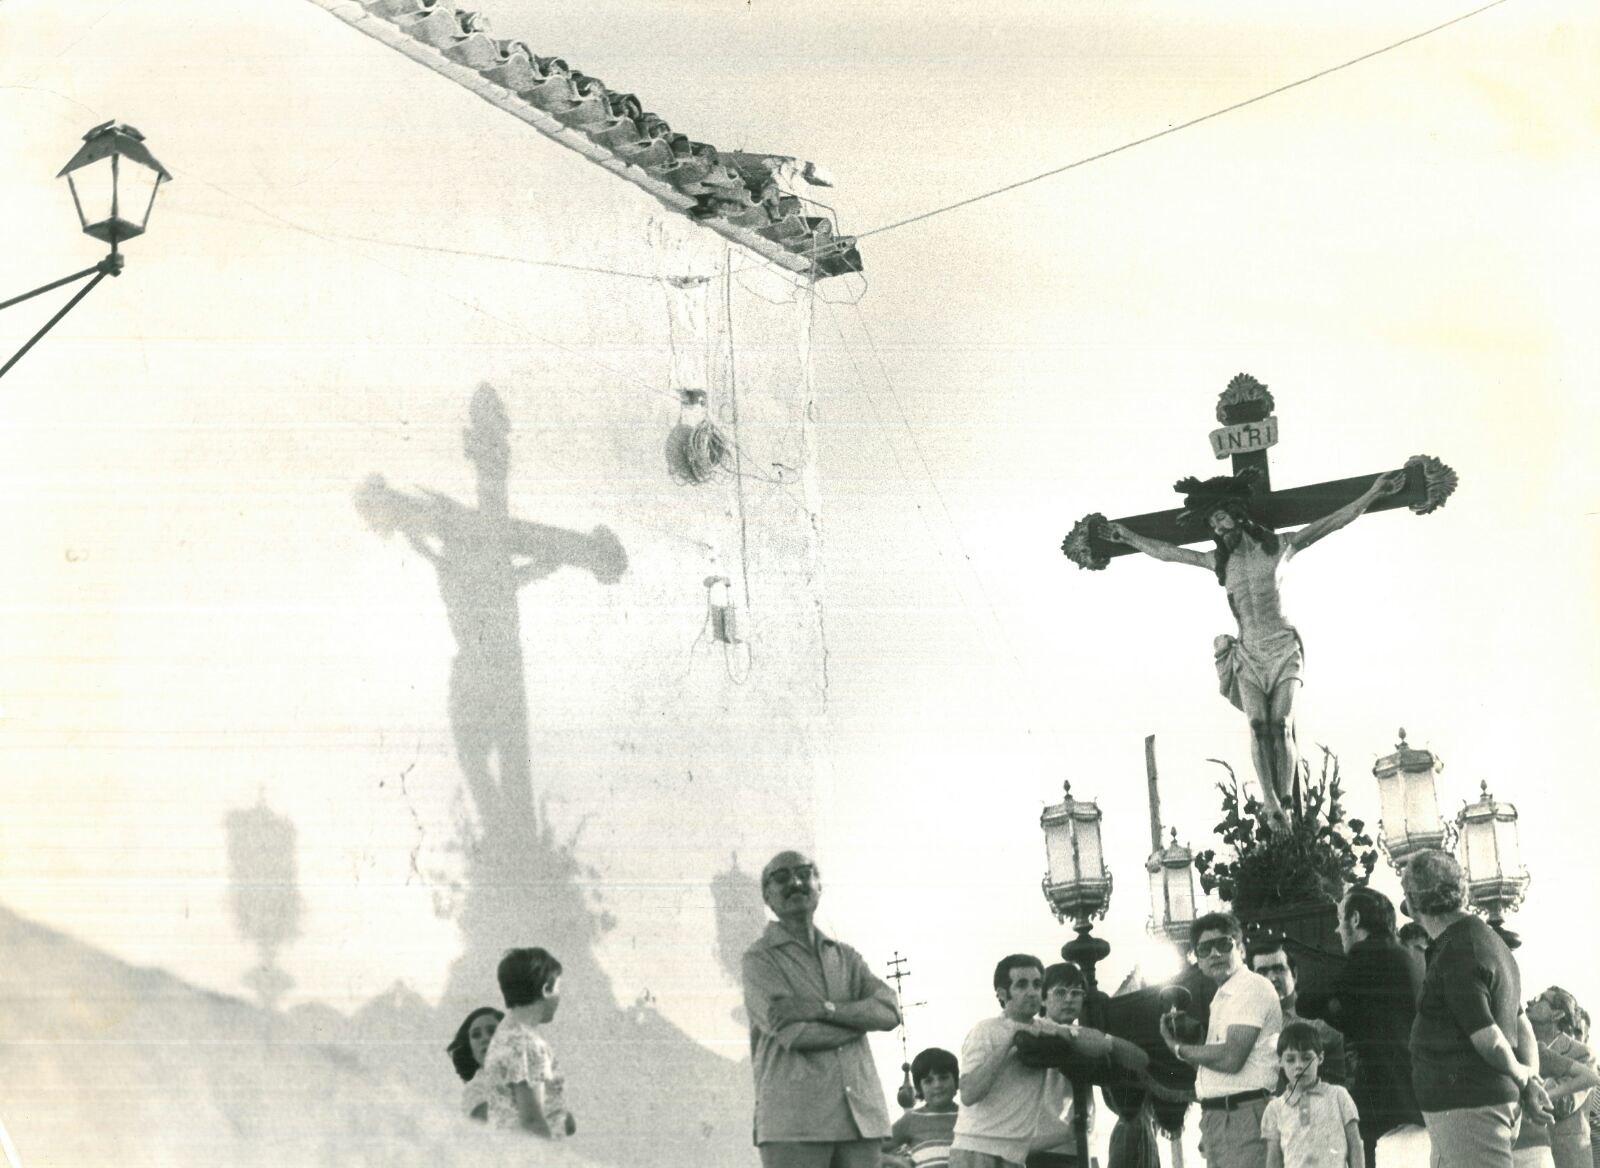 (Año 1971) - ElCristo - Fotografias Historicas - (01)